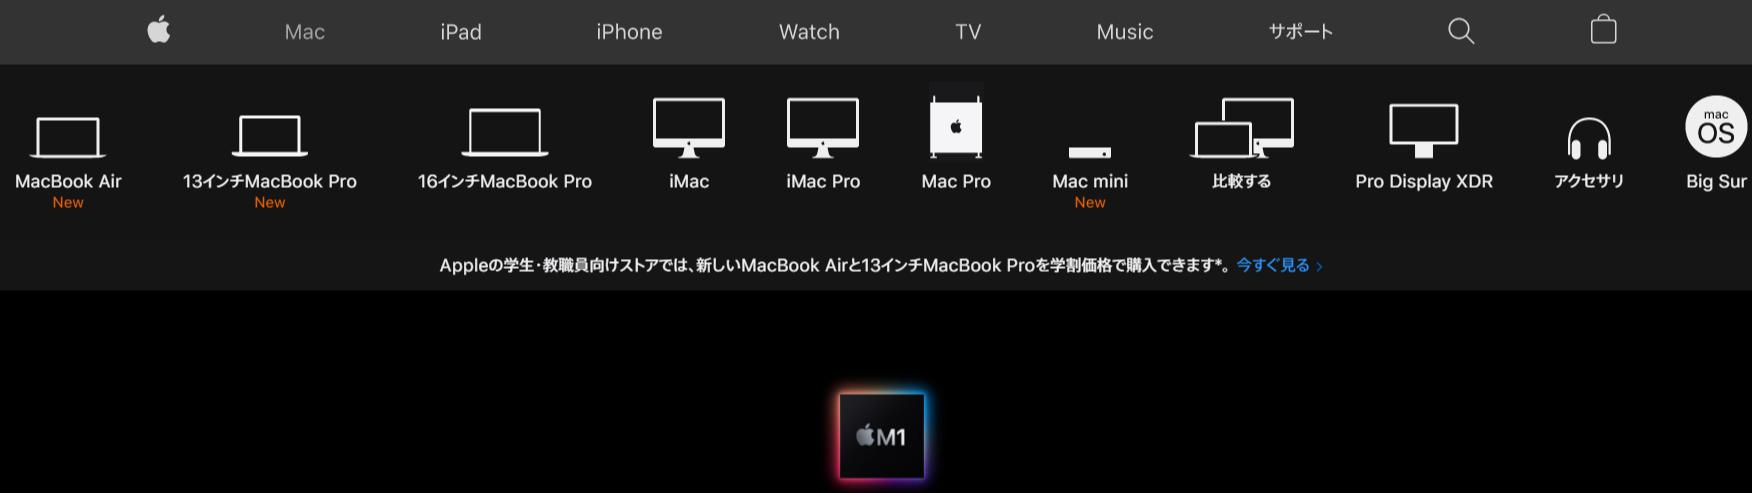 Apple サイト画像